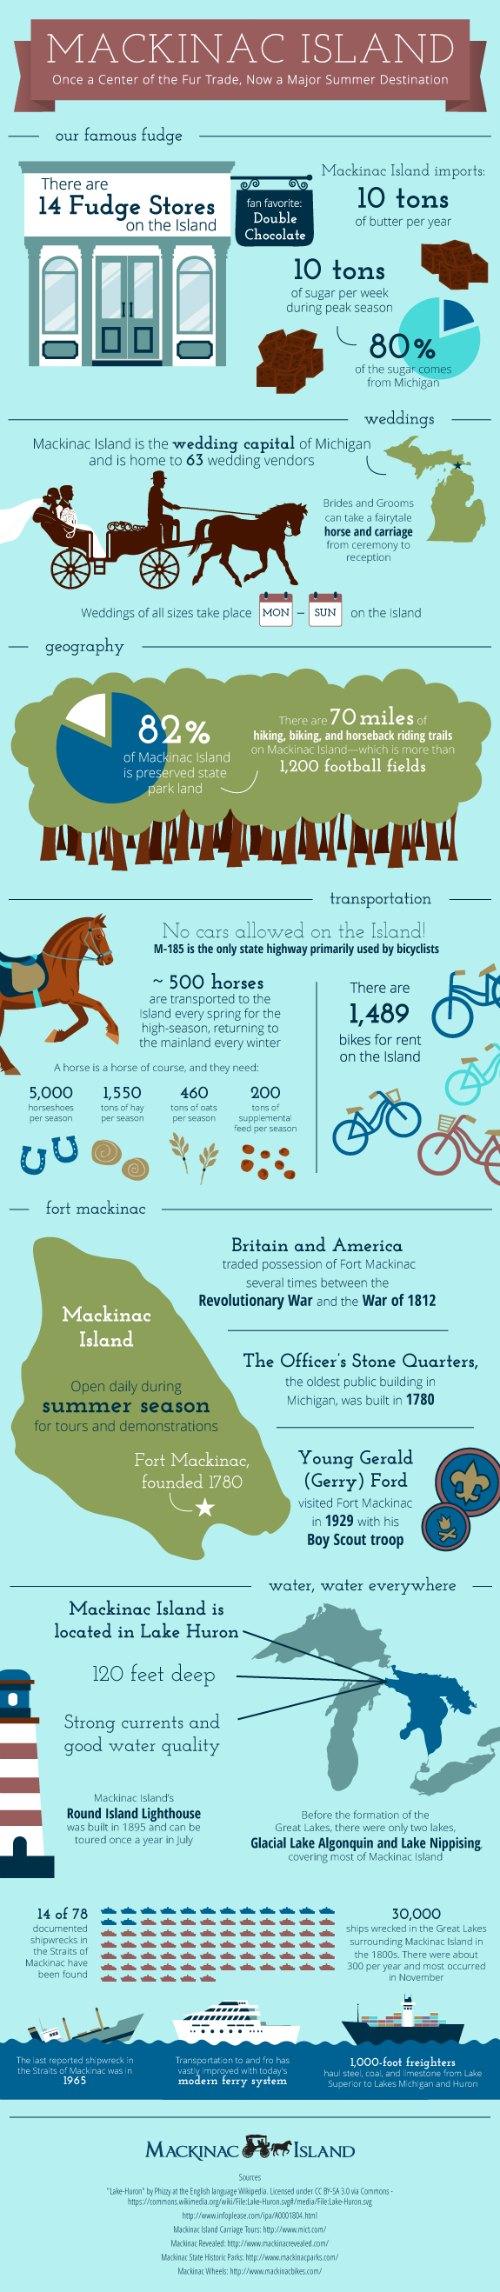 Mackinac Island FUN FACTS